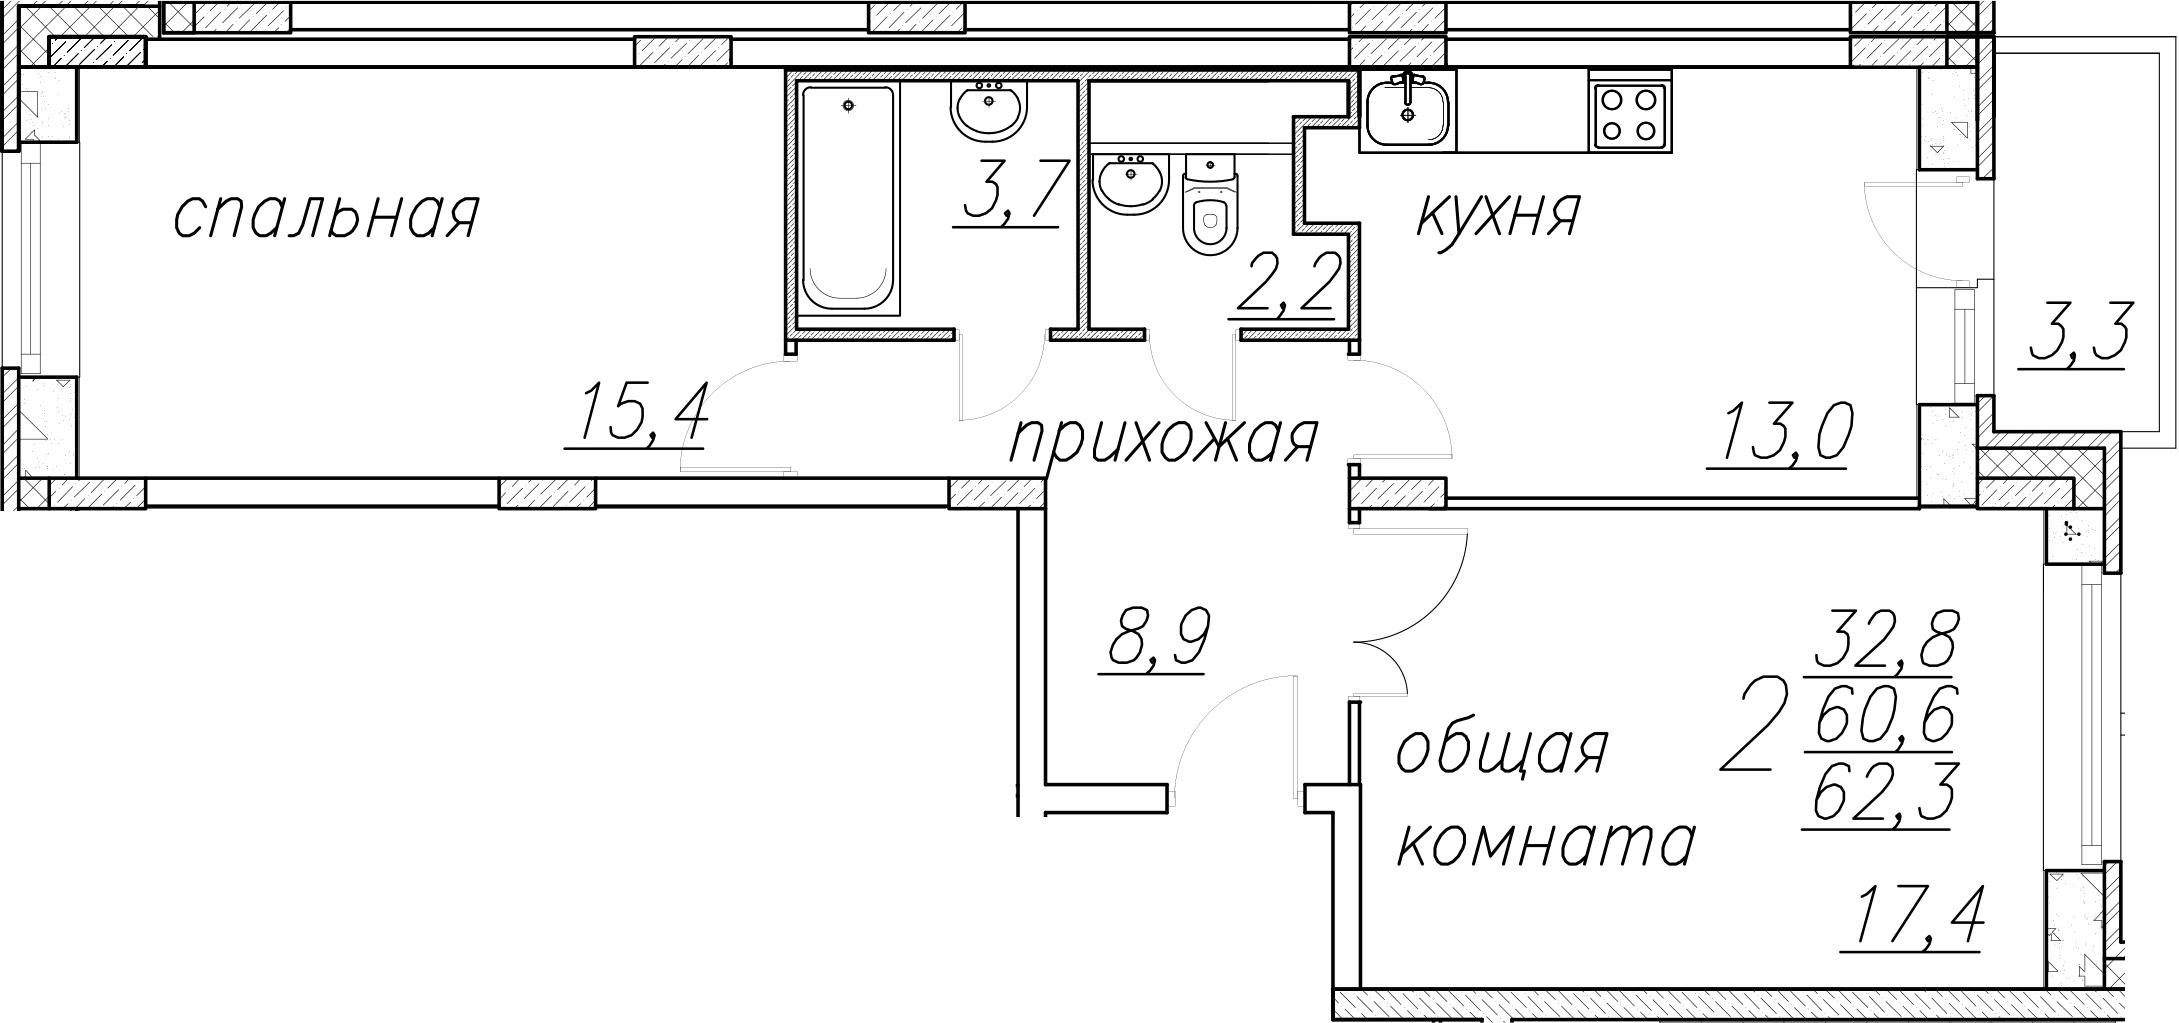 2-комнатная, 62.3 м²– 2